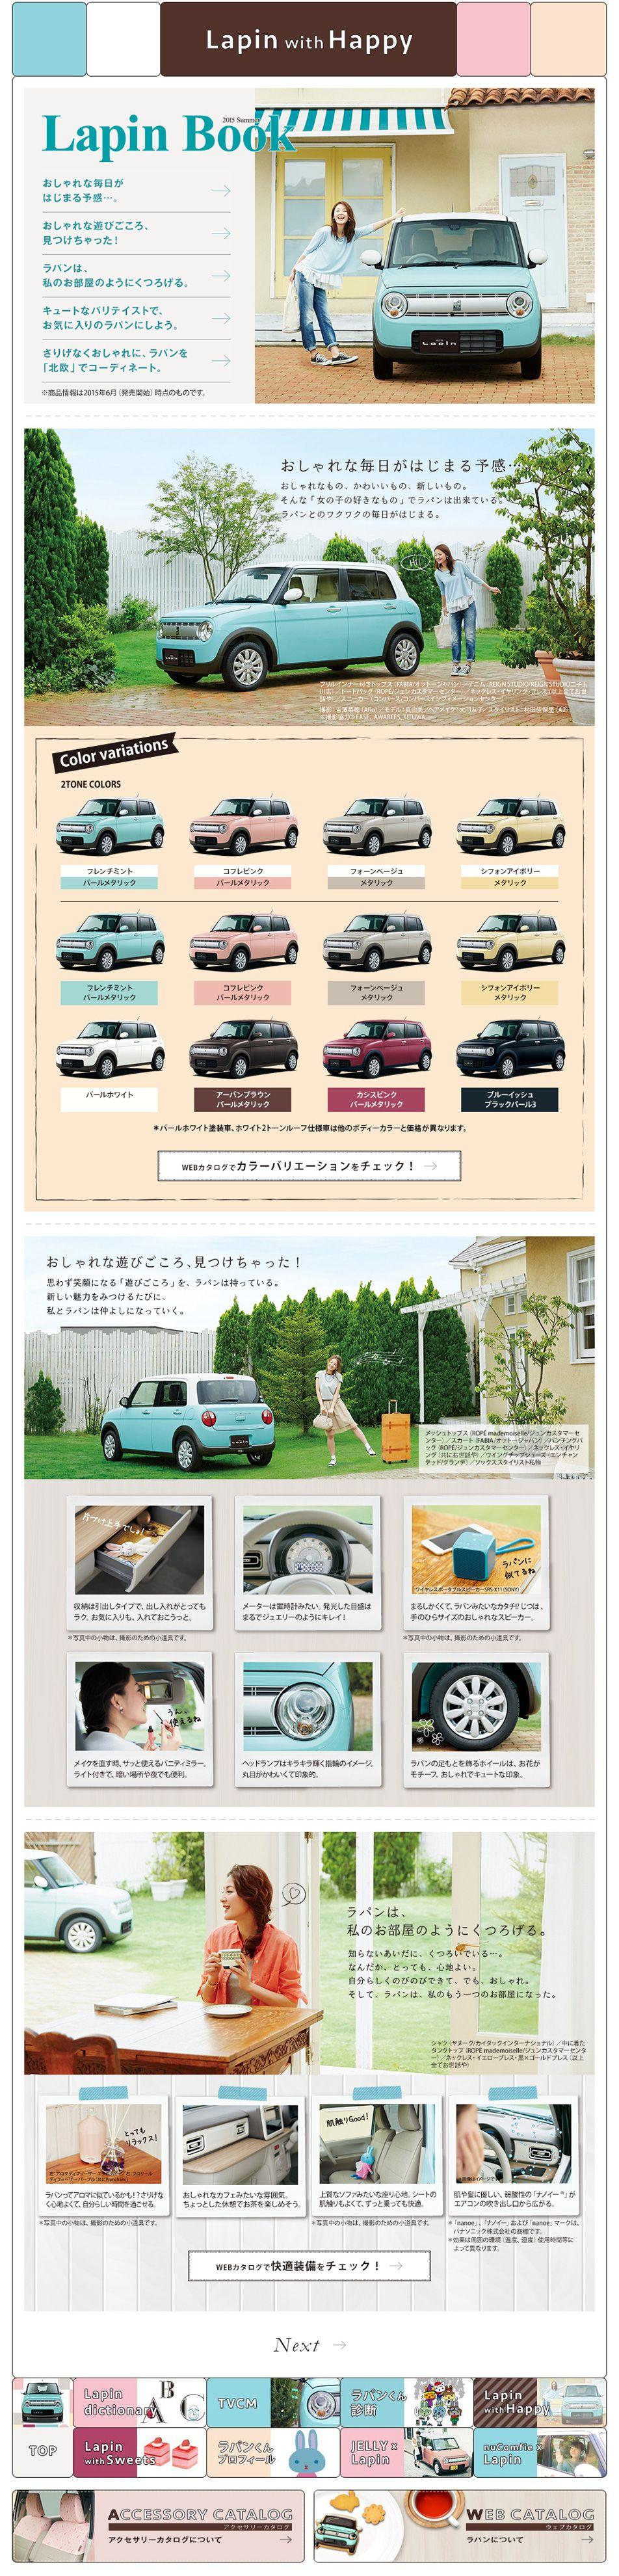 Lapin with Happy【車・バイク関連】のLPデザイン。WEBデザイナーさん必見!ランディングページのデザイン参考に(かわいい系)